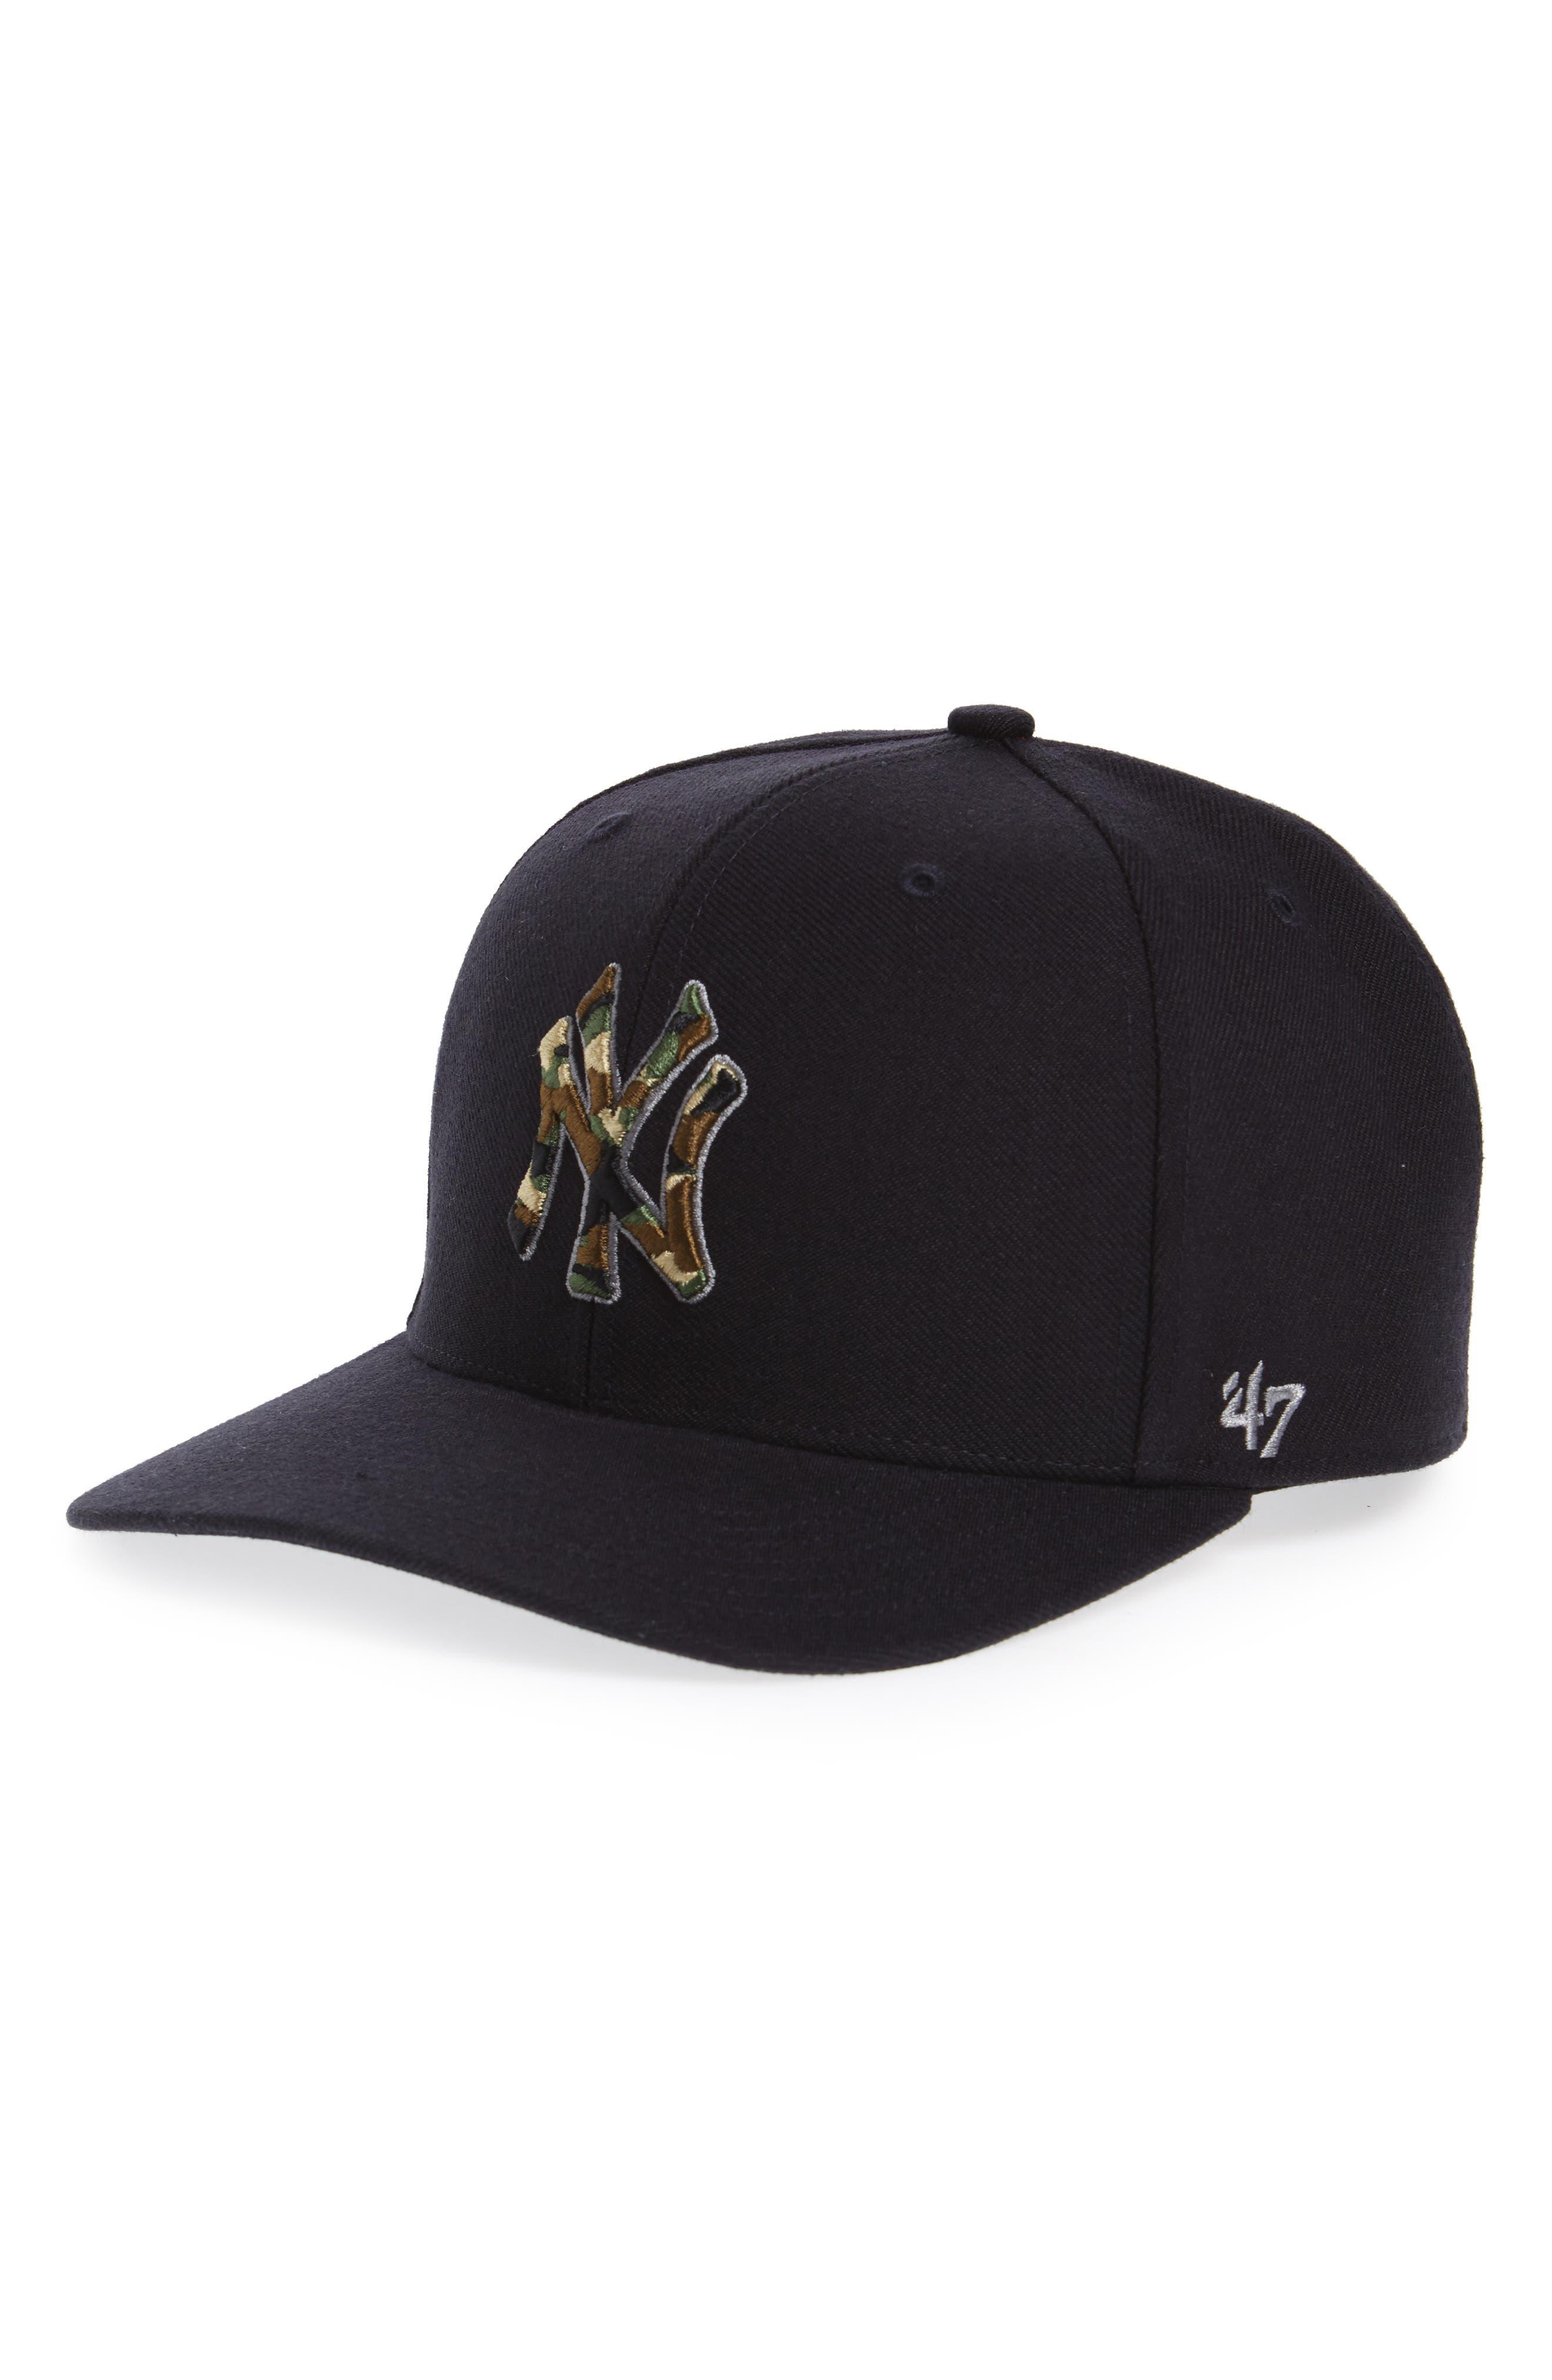 Camfill New York Yankees Baseball Cap,                             Main thumbnail 1, color,                             Navy